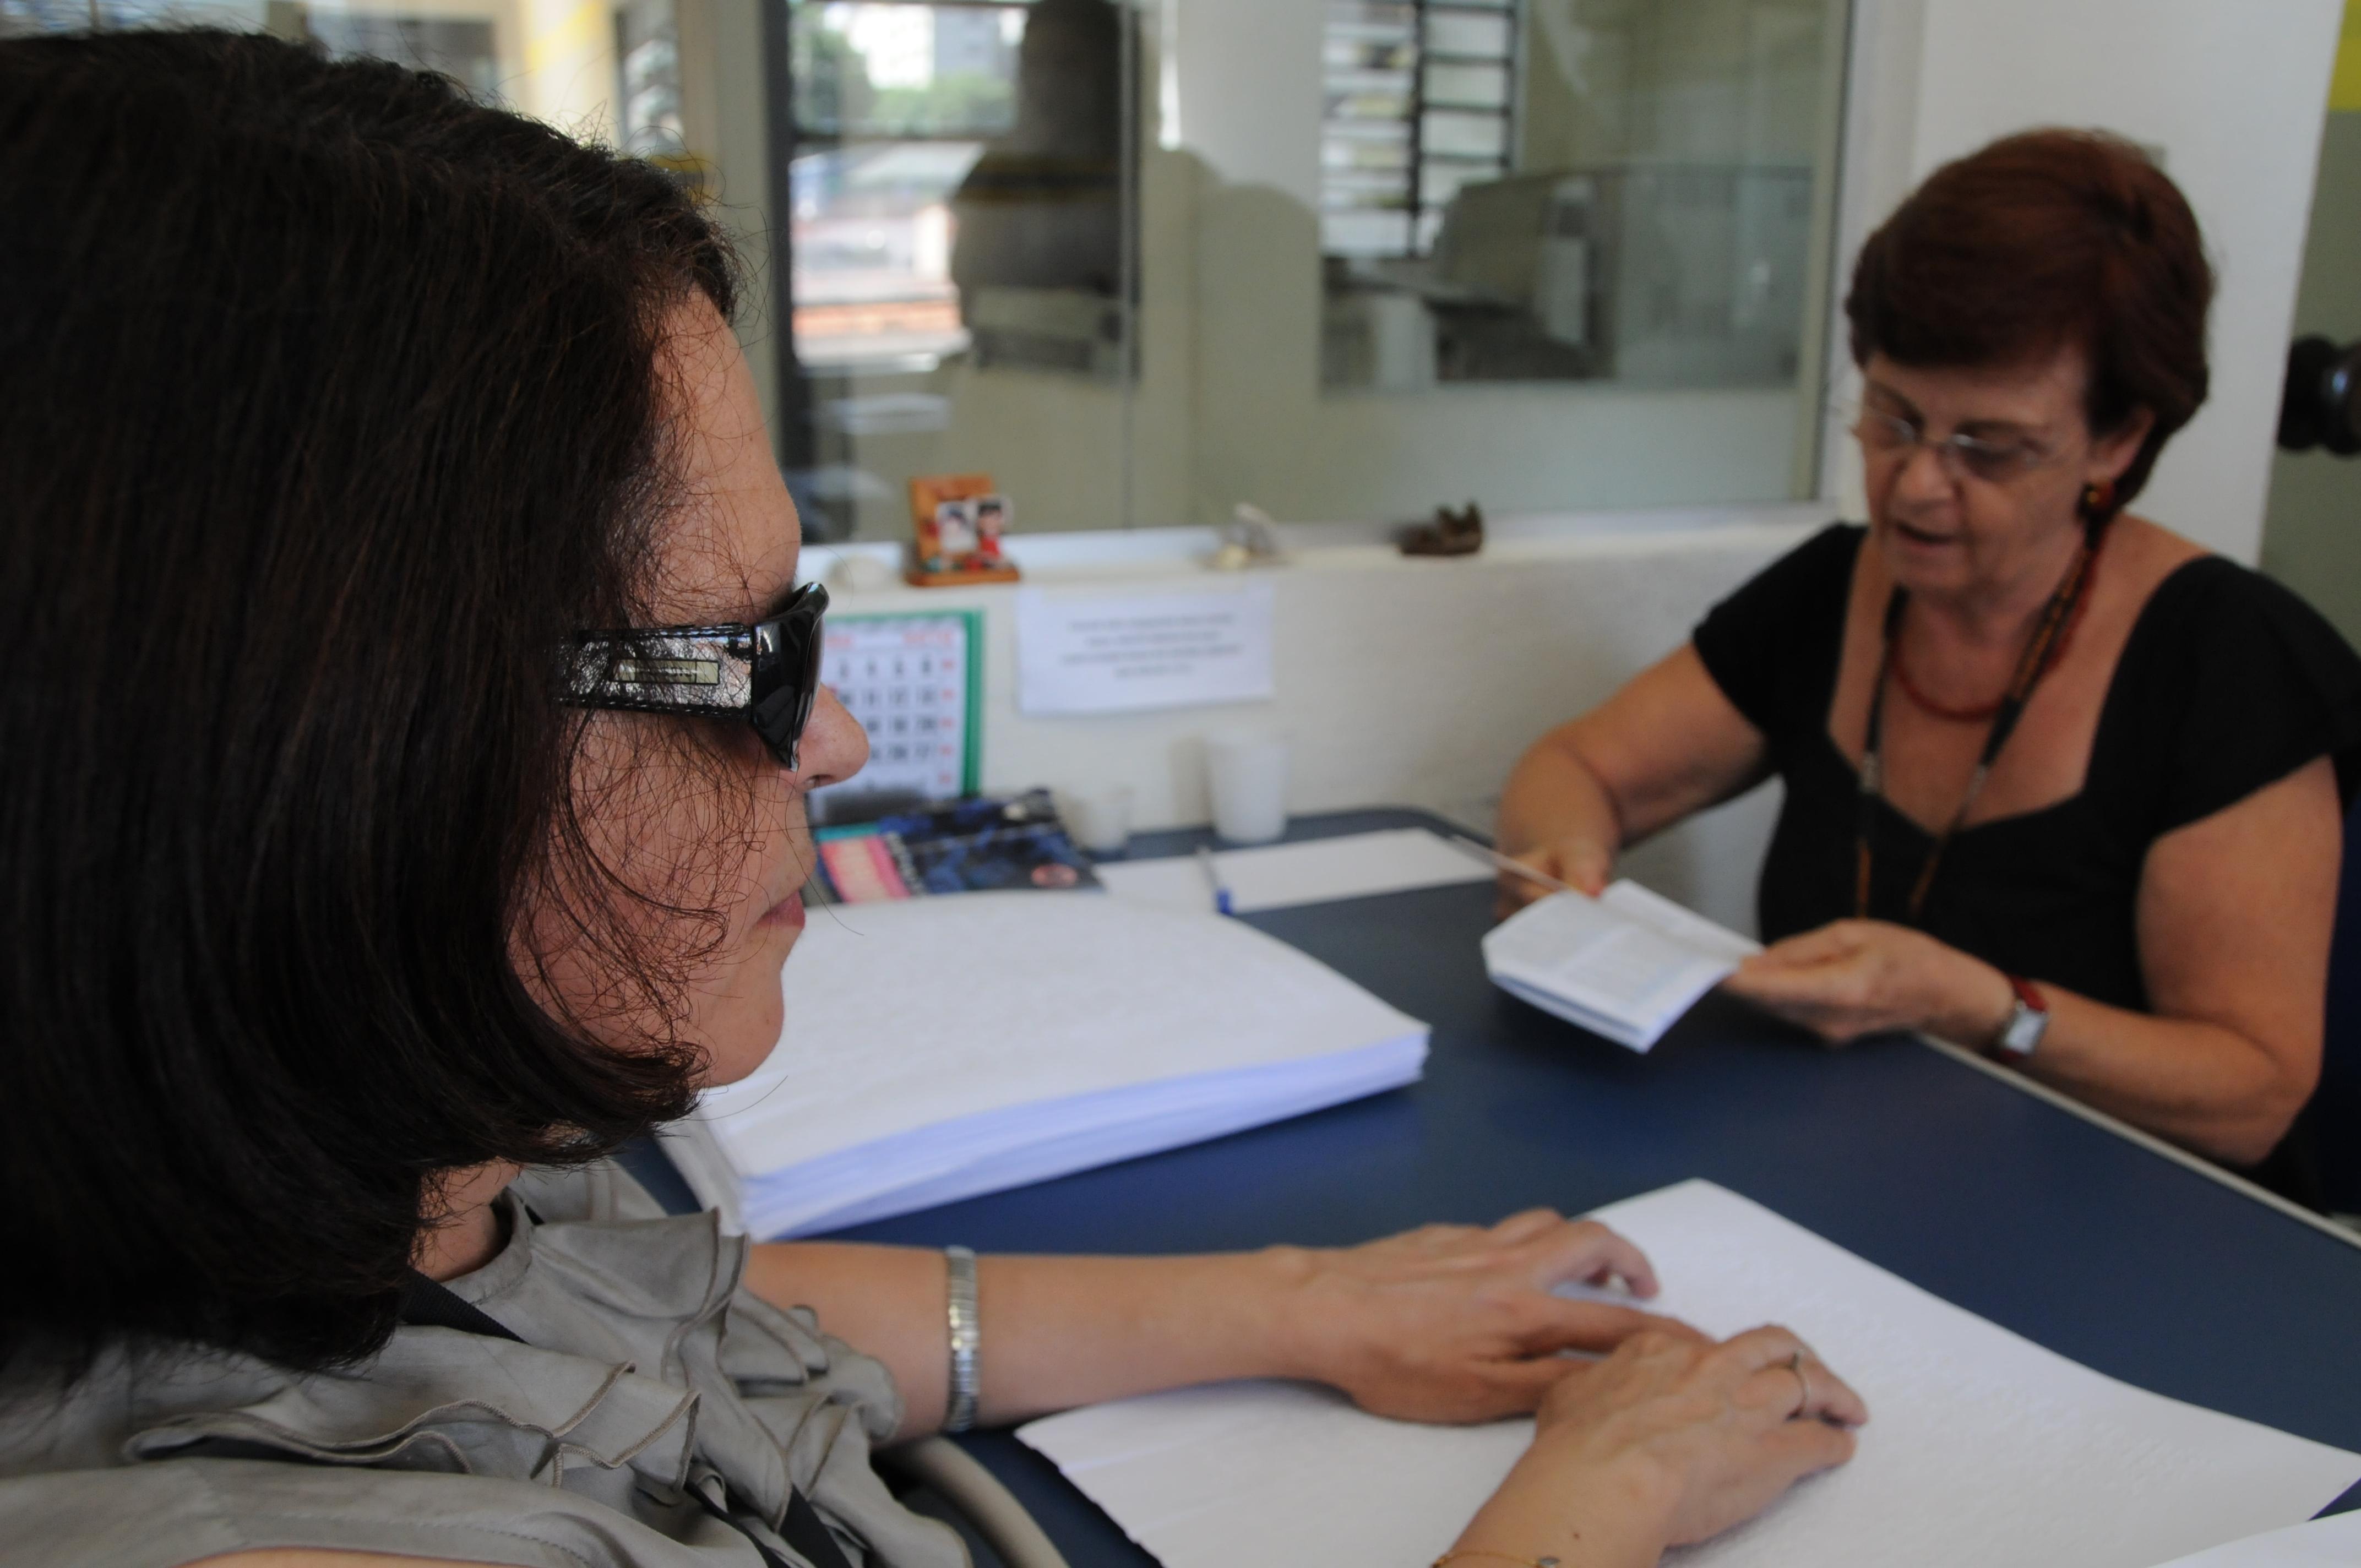 Foto de uma cena de revisão. Regina Oliveira está em primeiro plano, de perfil, lendo uma página braille, sobre uma mesa a sua frente. Do outro lado da mesa, de frente para Regina, está uma mulher segurando nas mãos páginas com texto escrito.